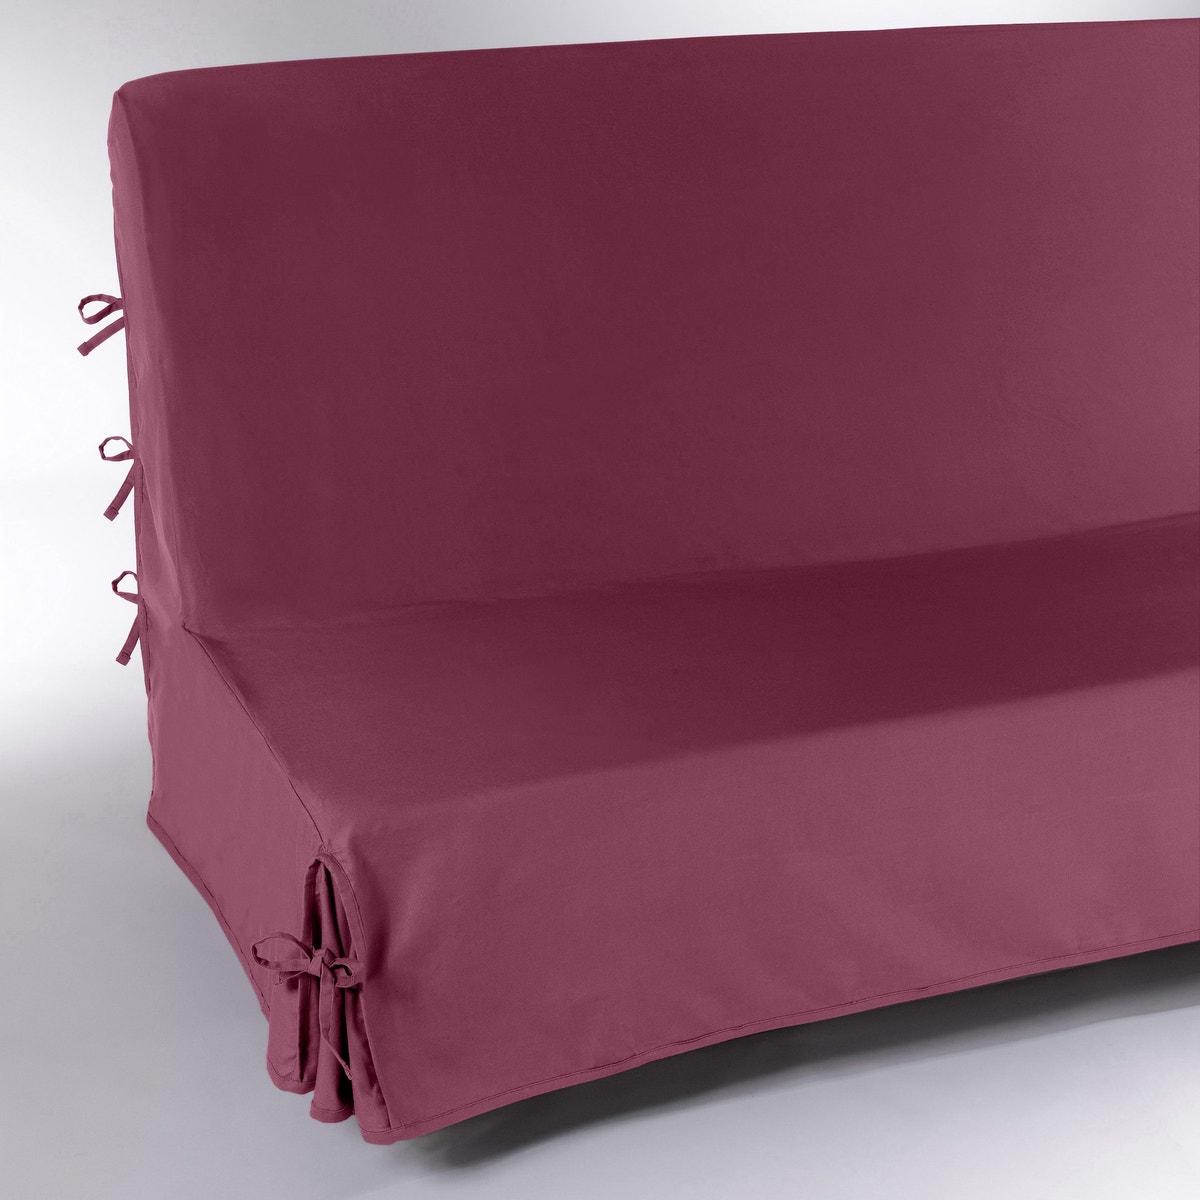 Κάλυμμα καναπέ- κρεβάτι clic-clac σπιτι   διακόσμηση   καλύμματα